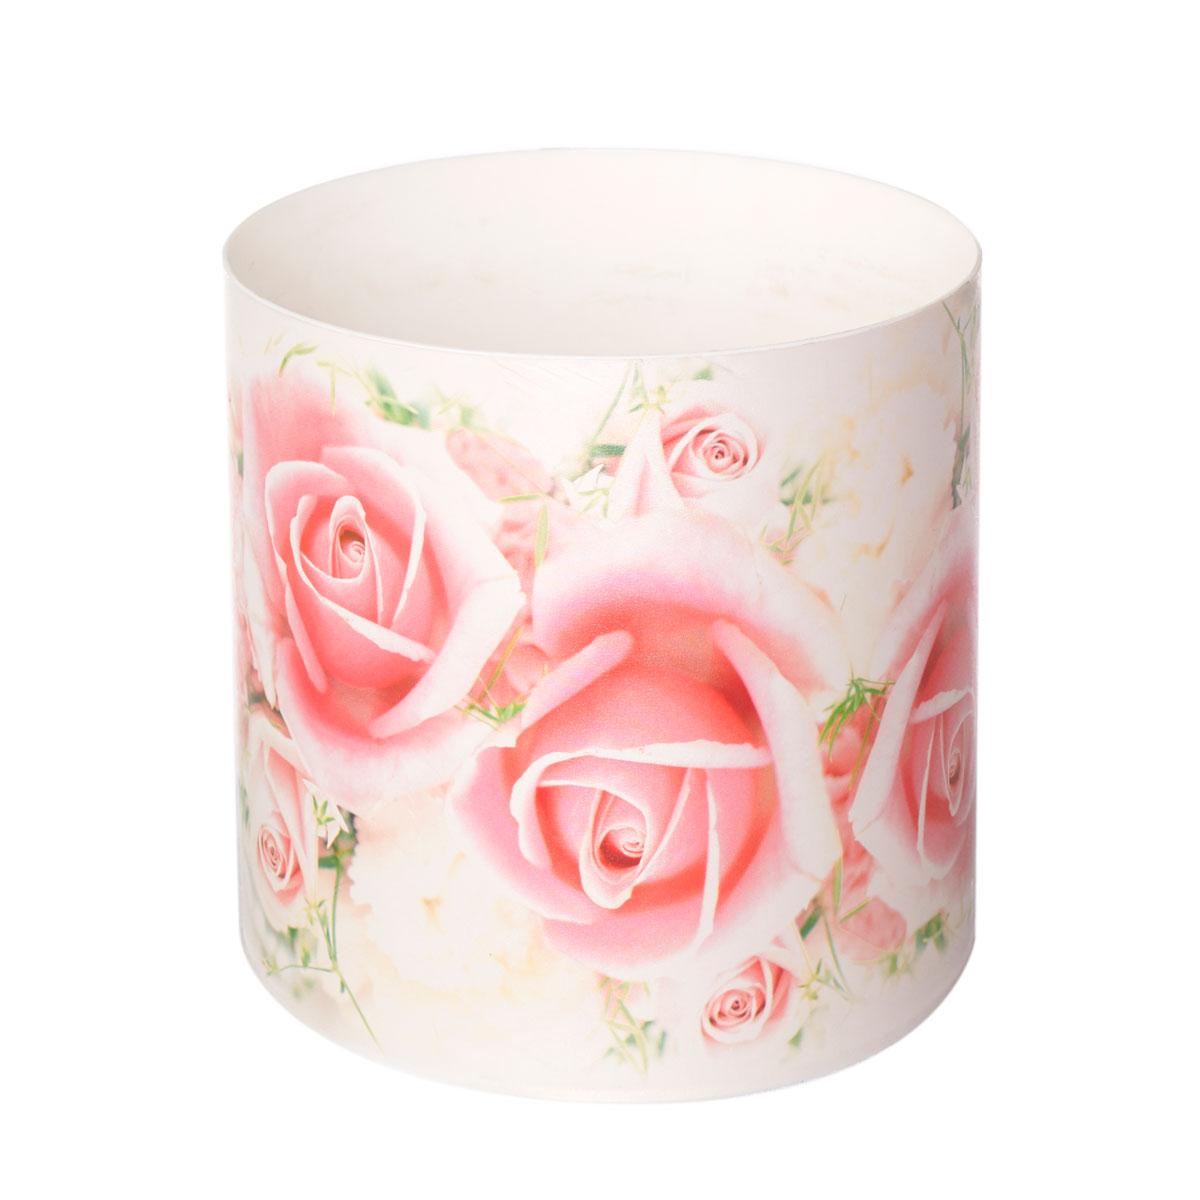 Горшок для цветов Miolla Розы, со скрытым поддоном, 2,8 лSS 4041Горшок для цветов Miolla Розы со скрытым поддоном выполнен из пластика.Диаметр горшка: 16,5 см.Высота горшка (с учетом поддона): 16 см.Объем горшка: 2,8 л.